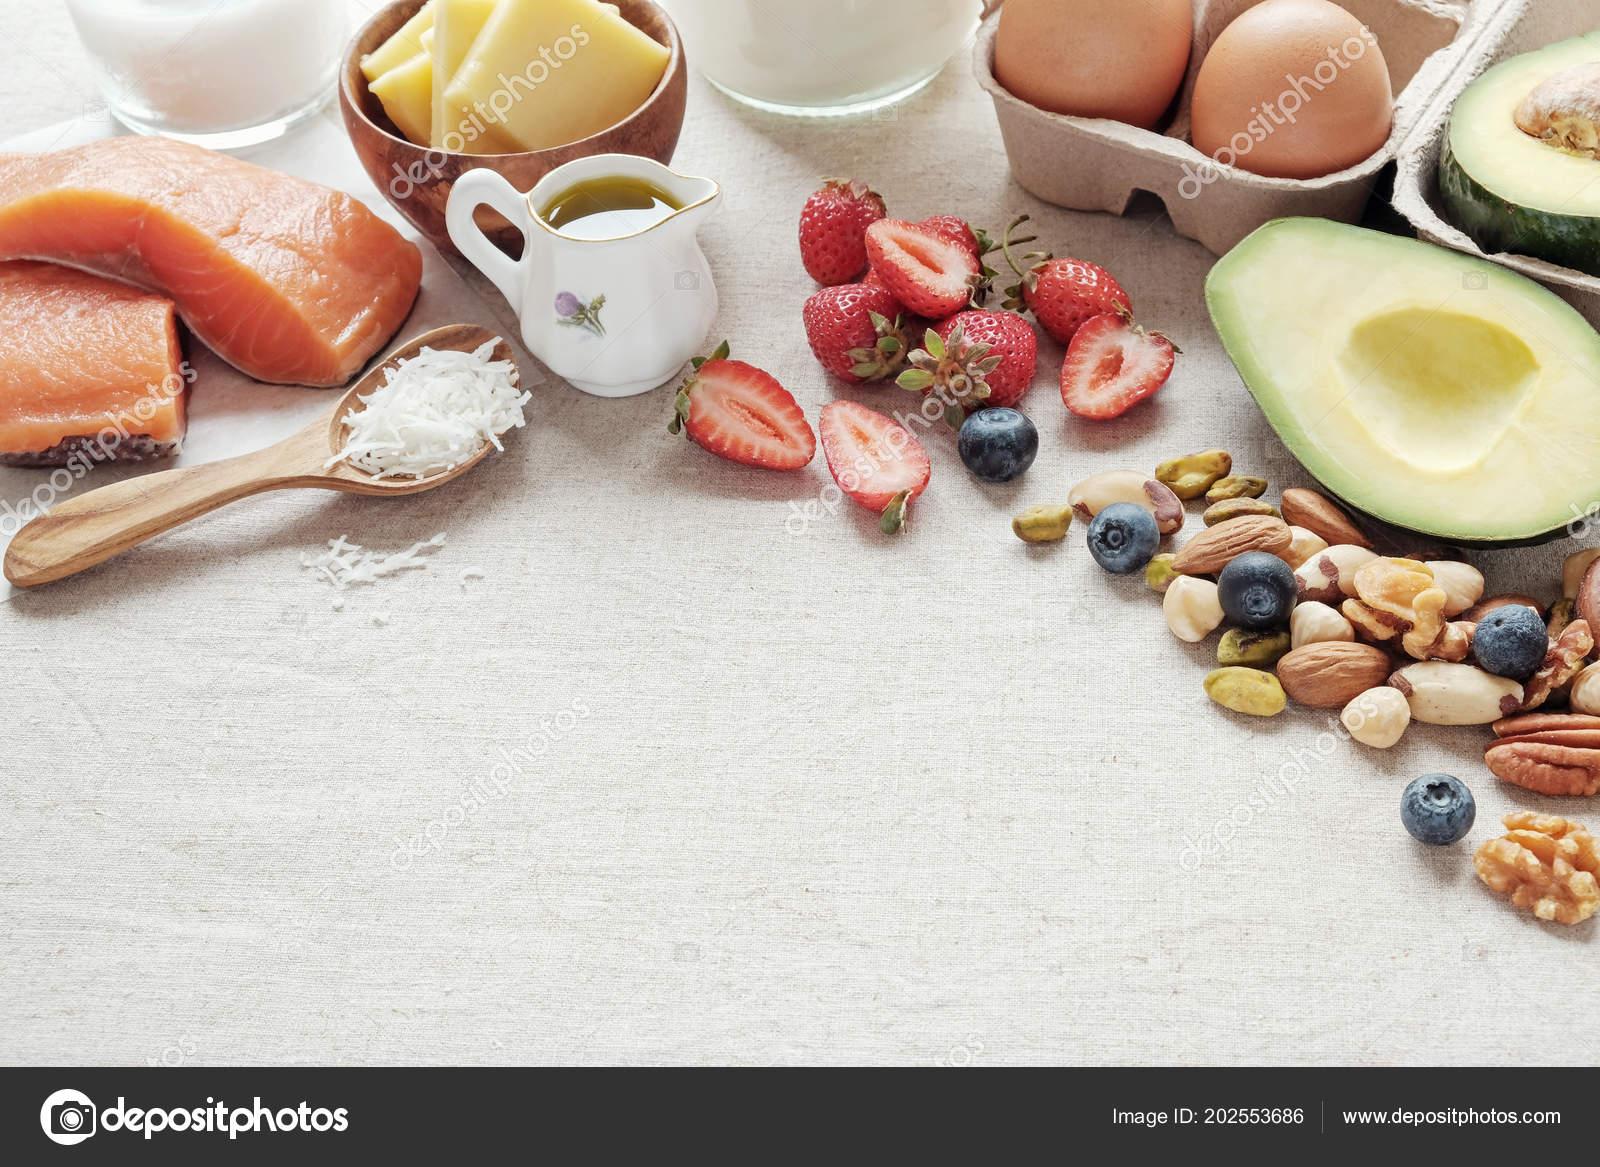 Dieta baja en carbohidratos y alta en grasas saludables